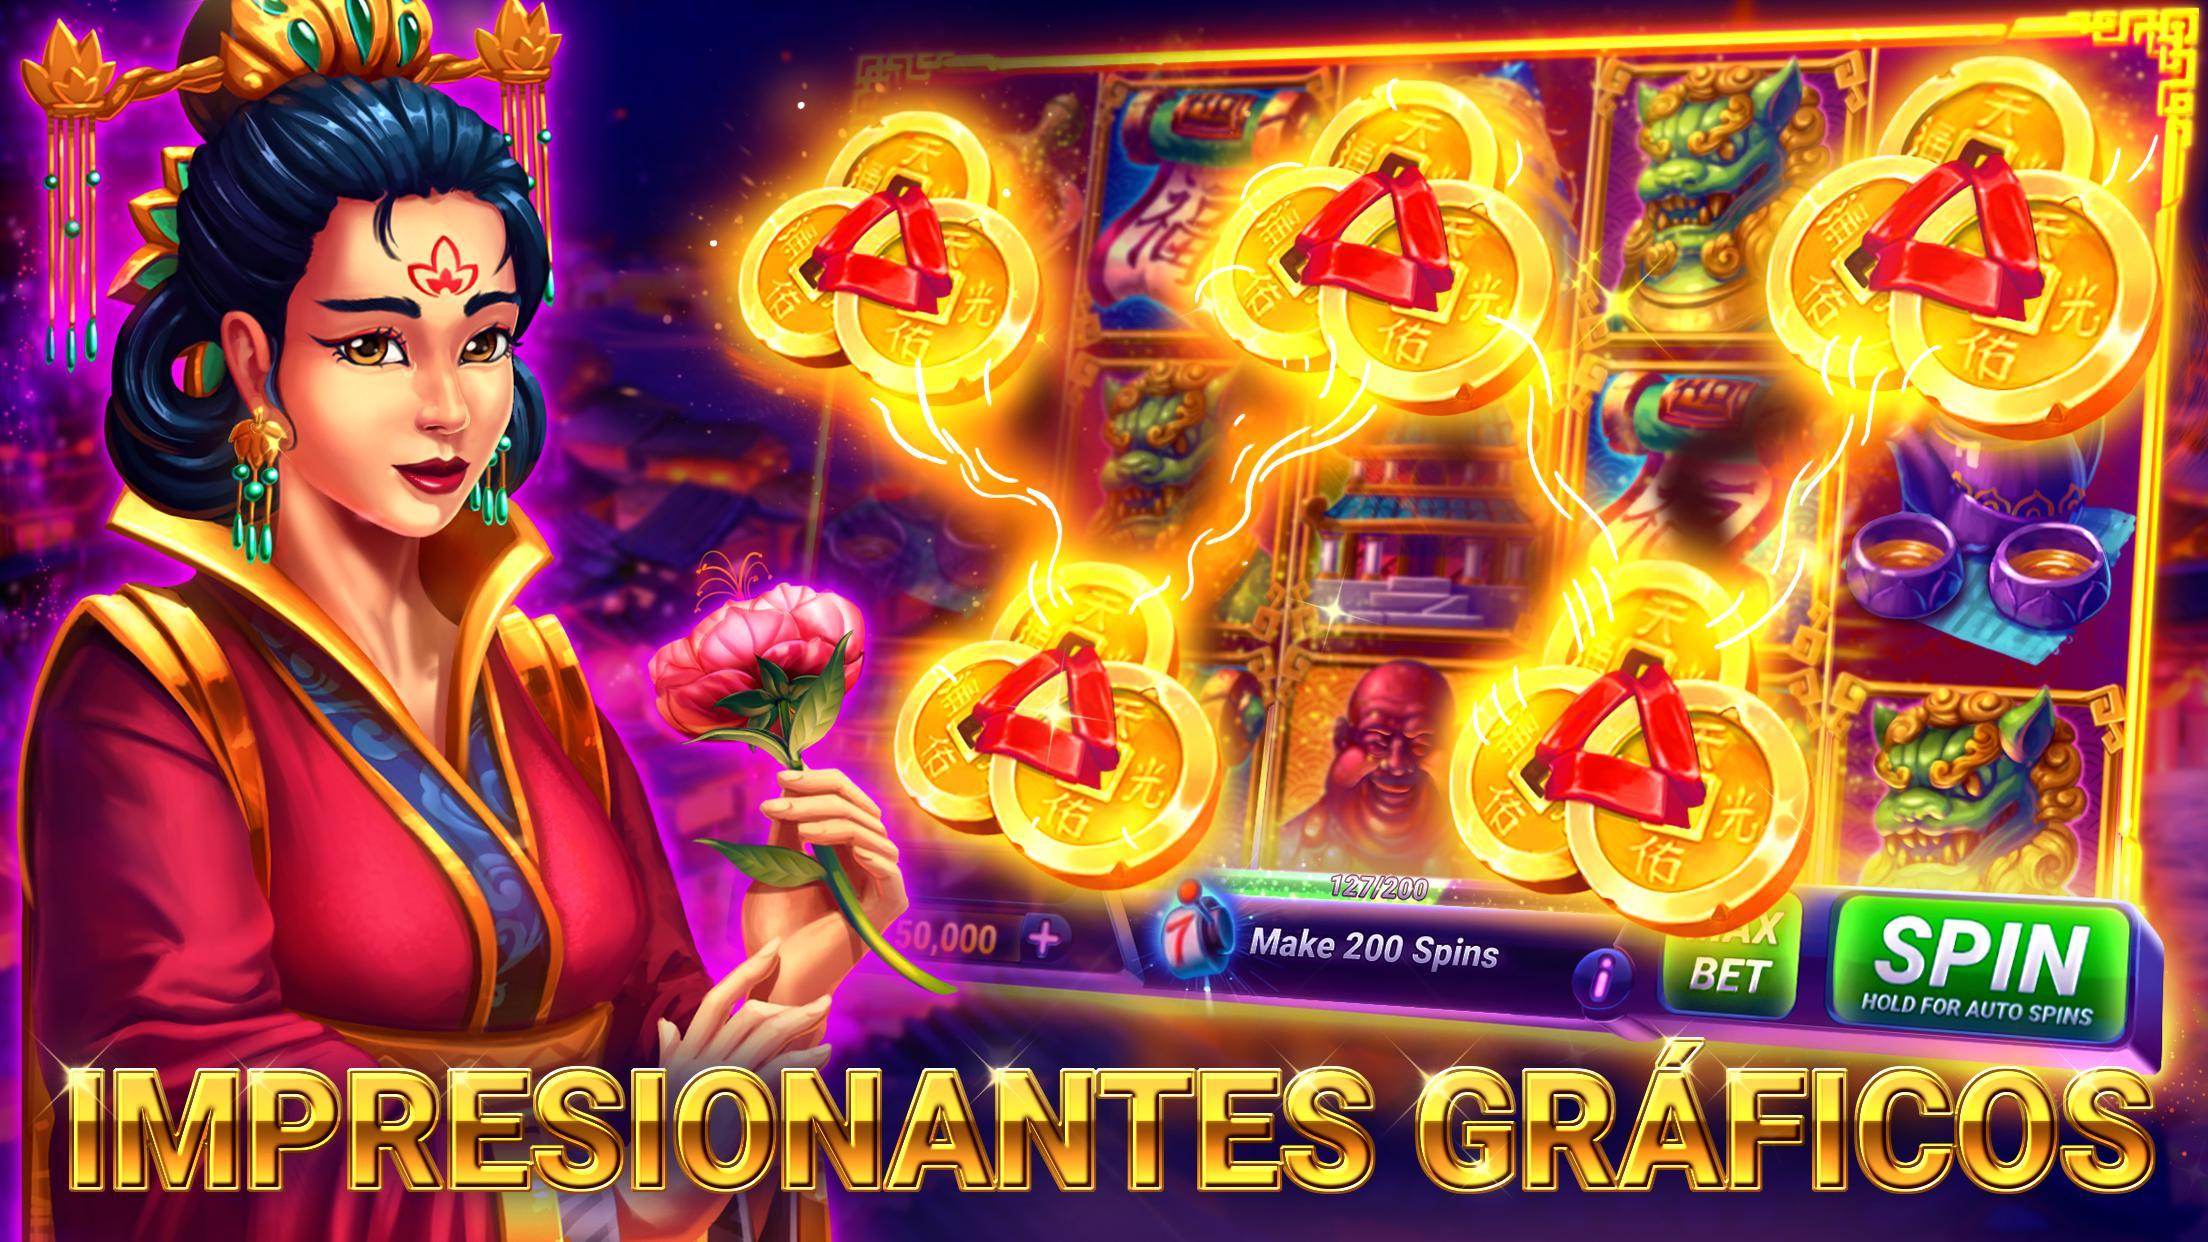 Juegos de casino mas nuevos gratis casino near great wolf lodge